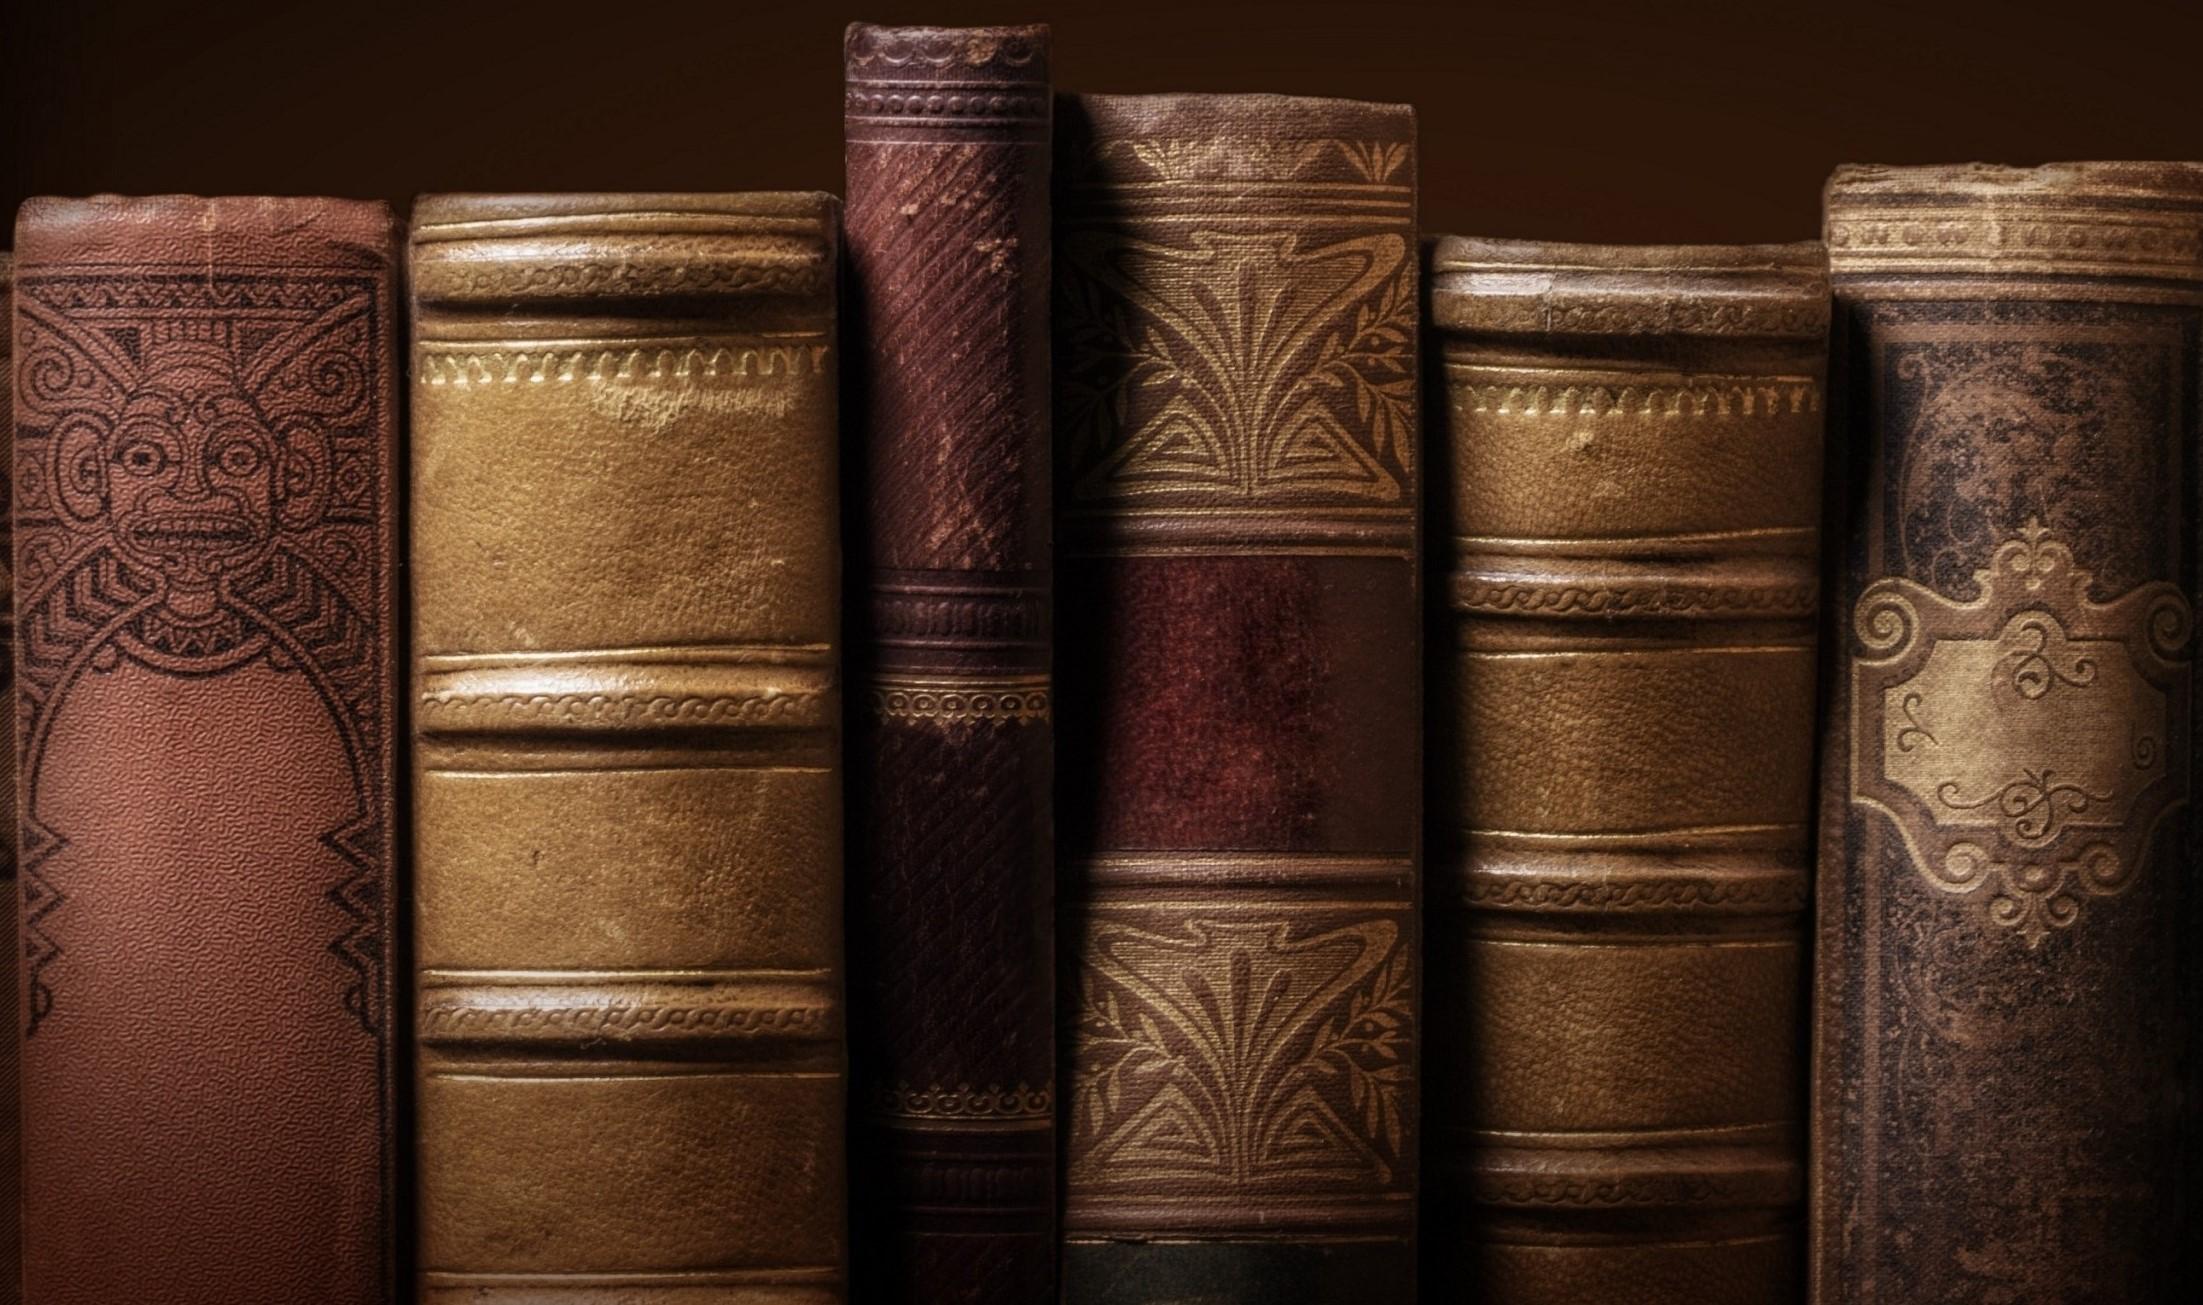 Literature books cover 2560x1440